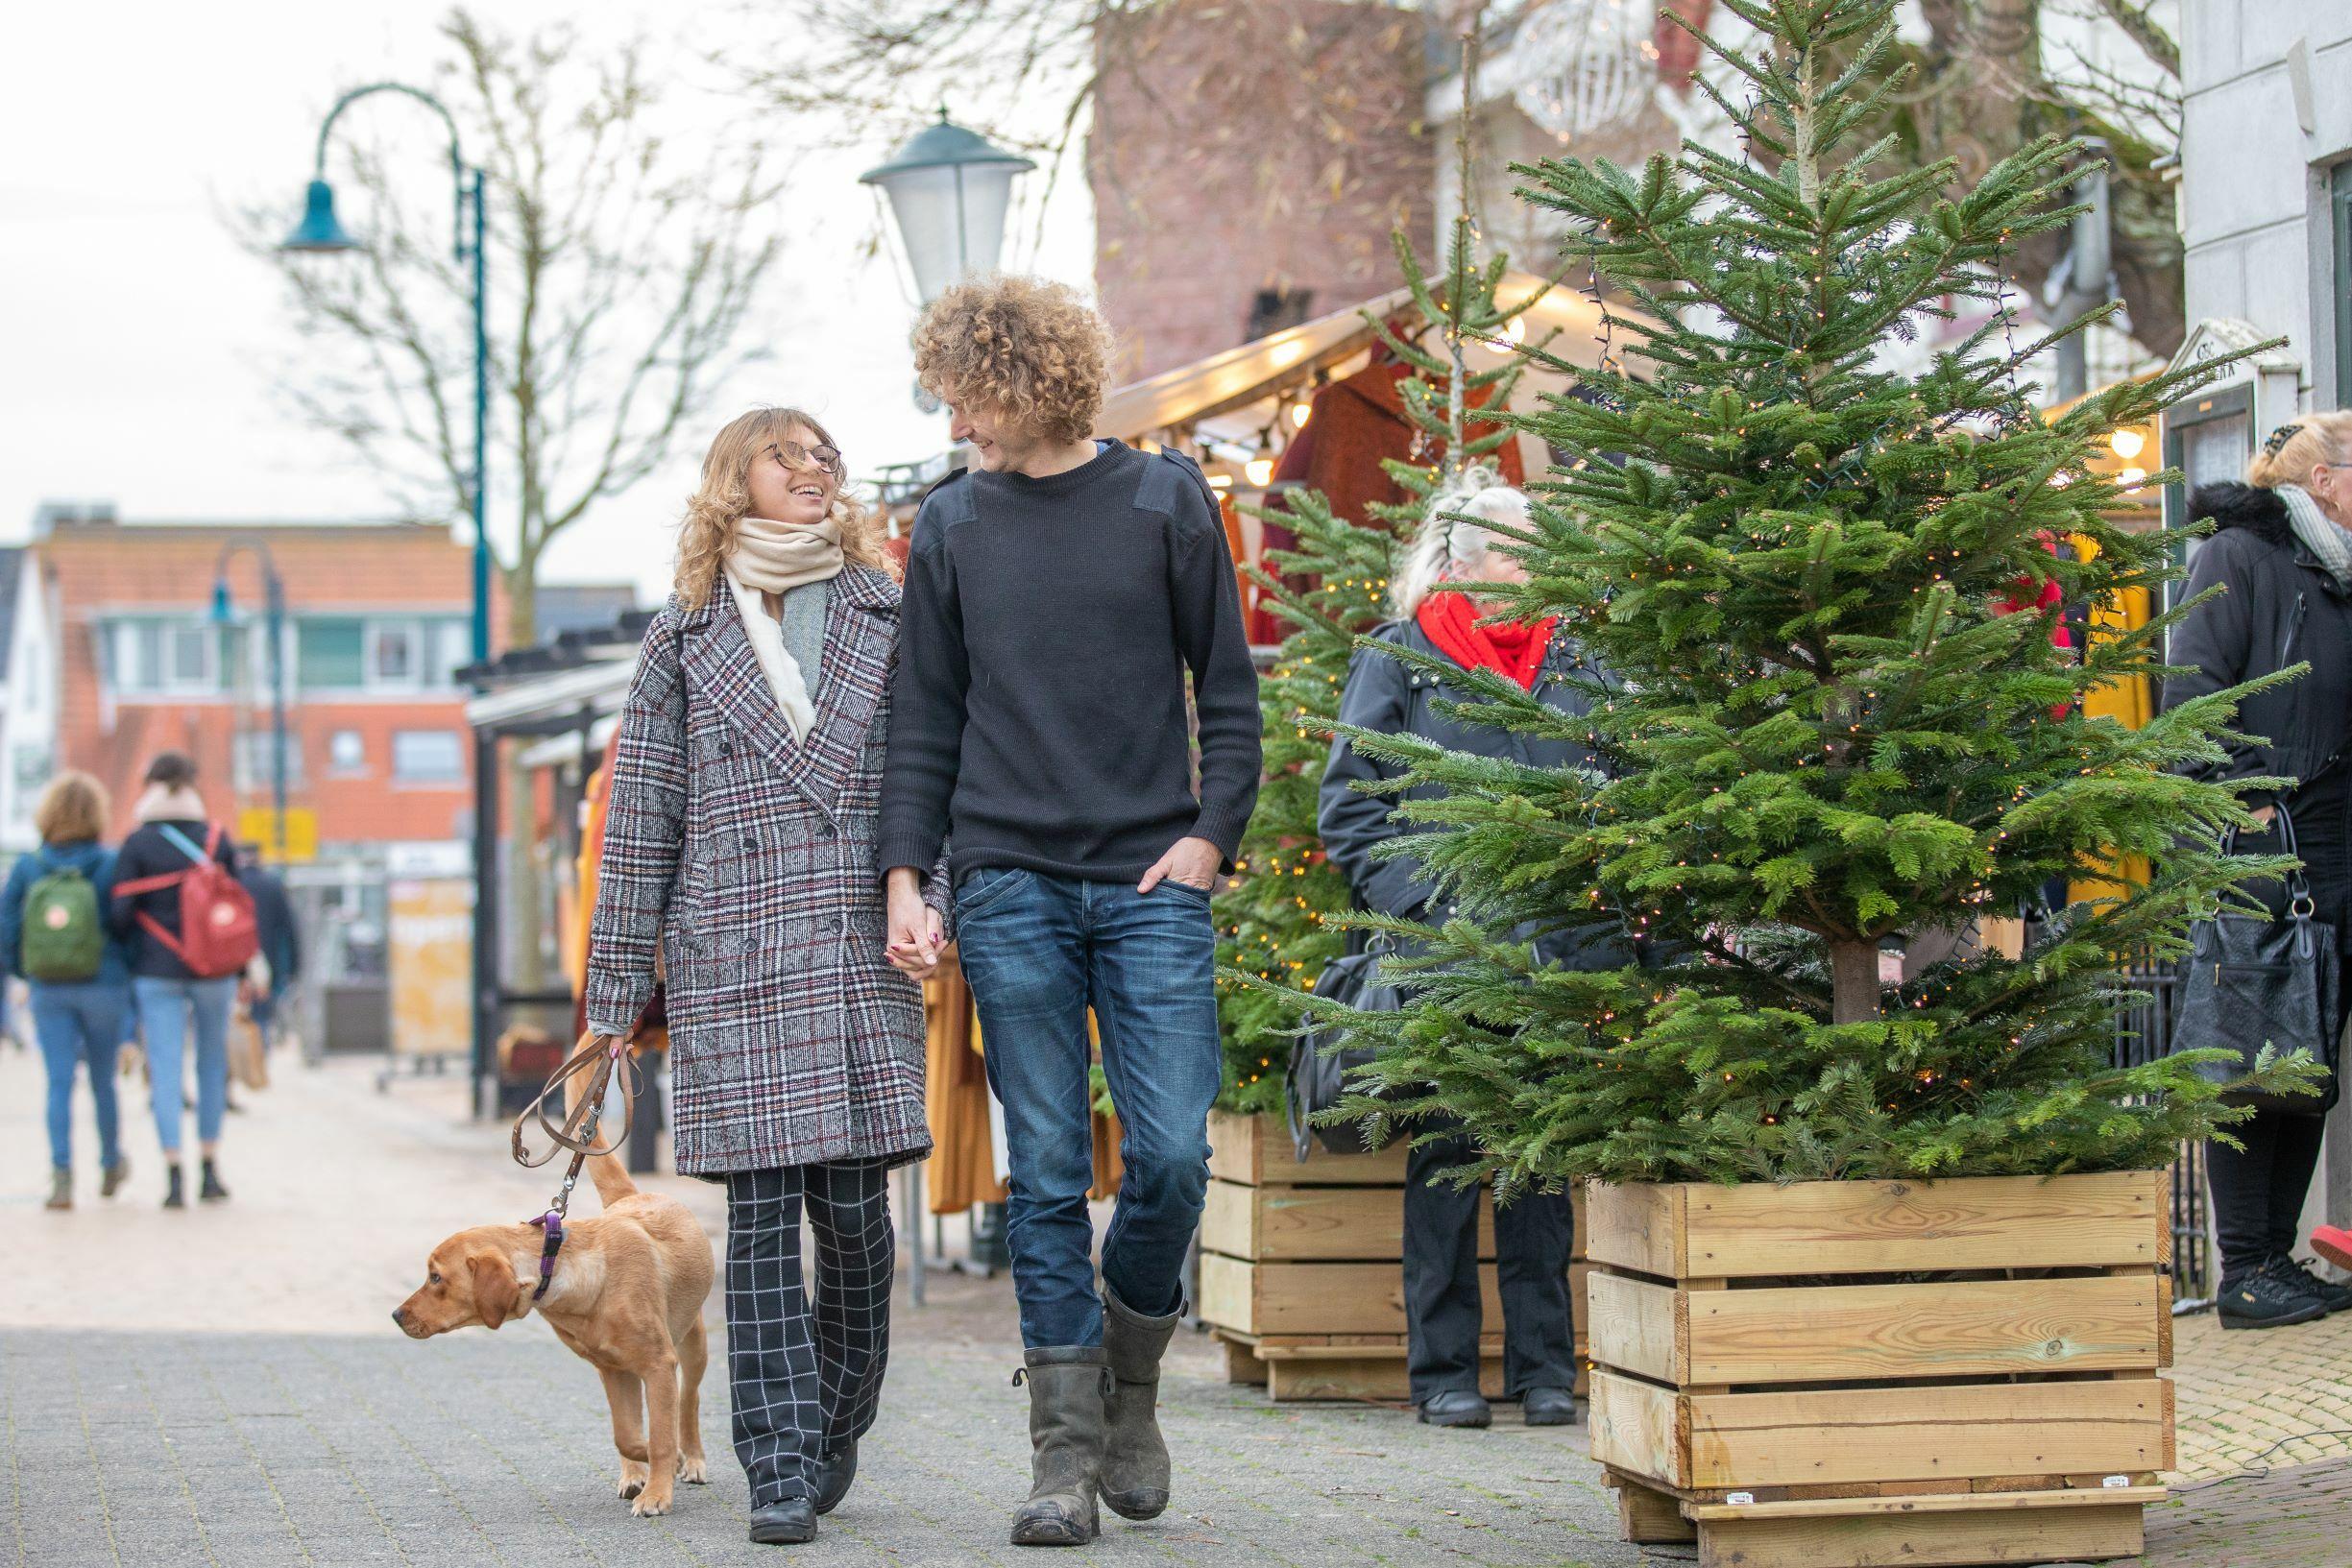 Winkelen met hond tijdens kerstvakantie in De Koog VVV Texel fotograaf Evalien Weterings